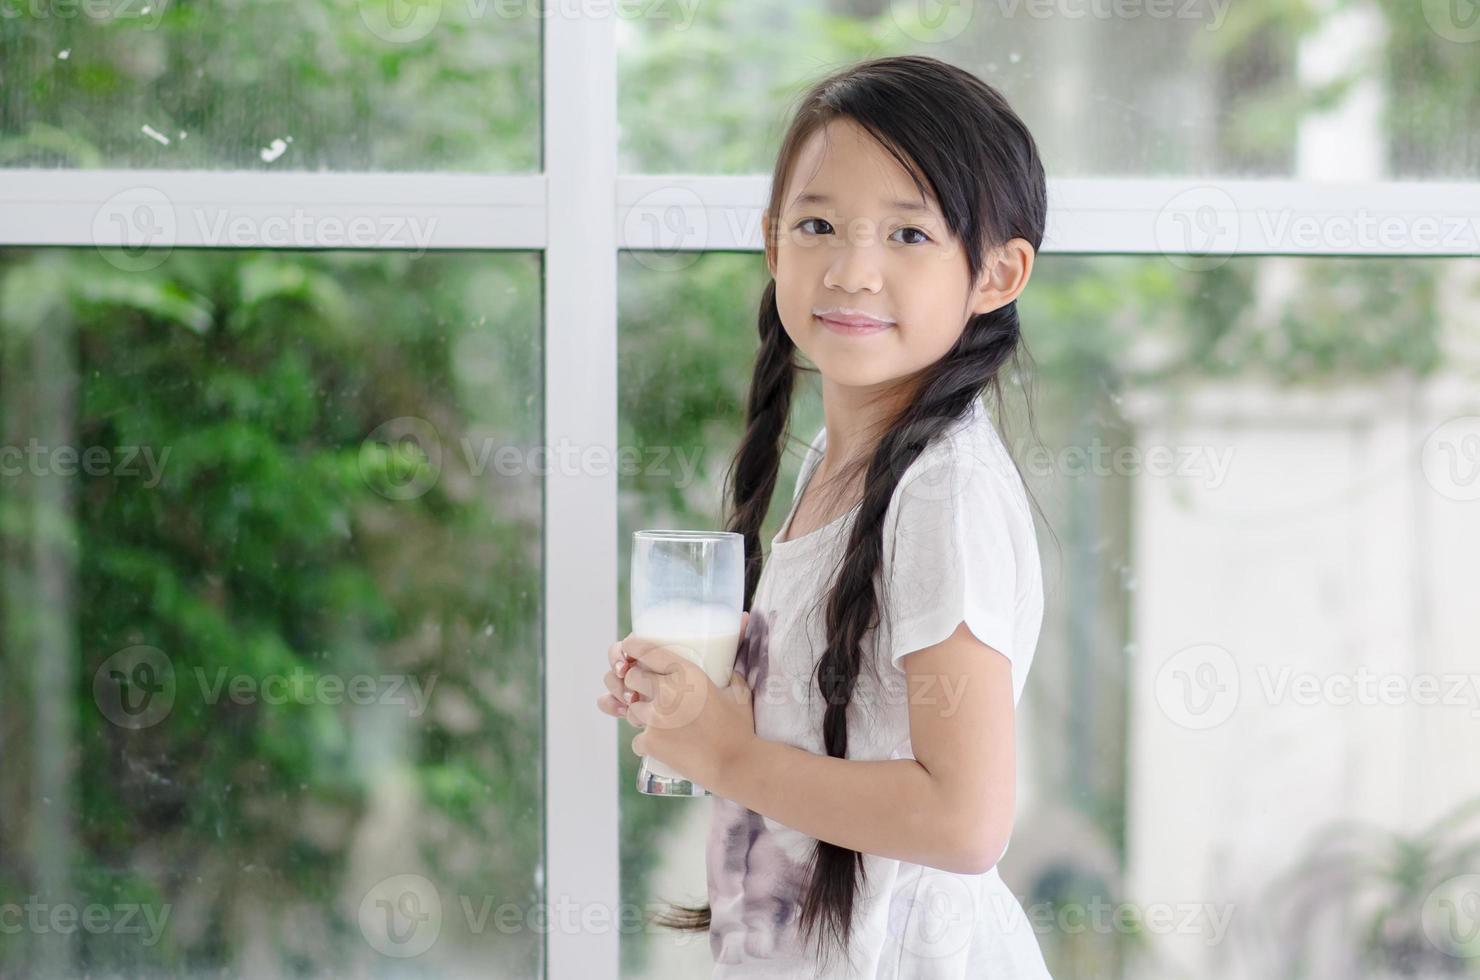 kleines asiatisches Mädchen, das Milch trinkt foto